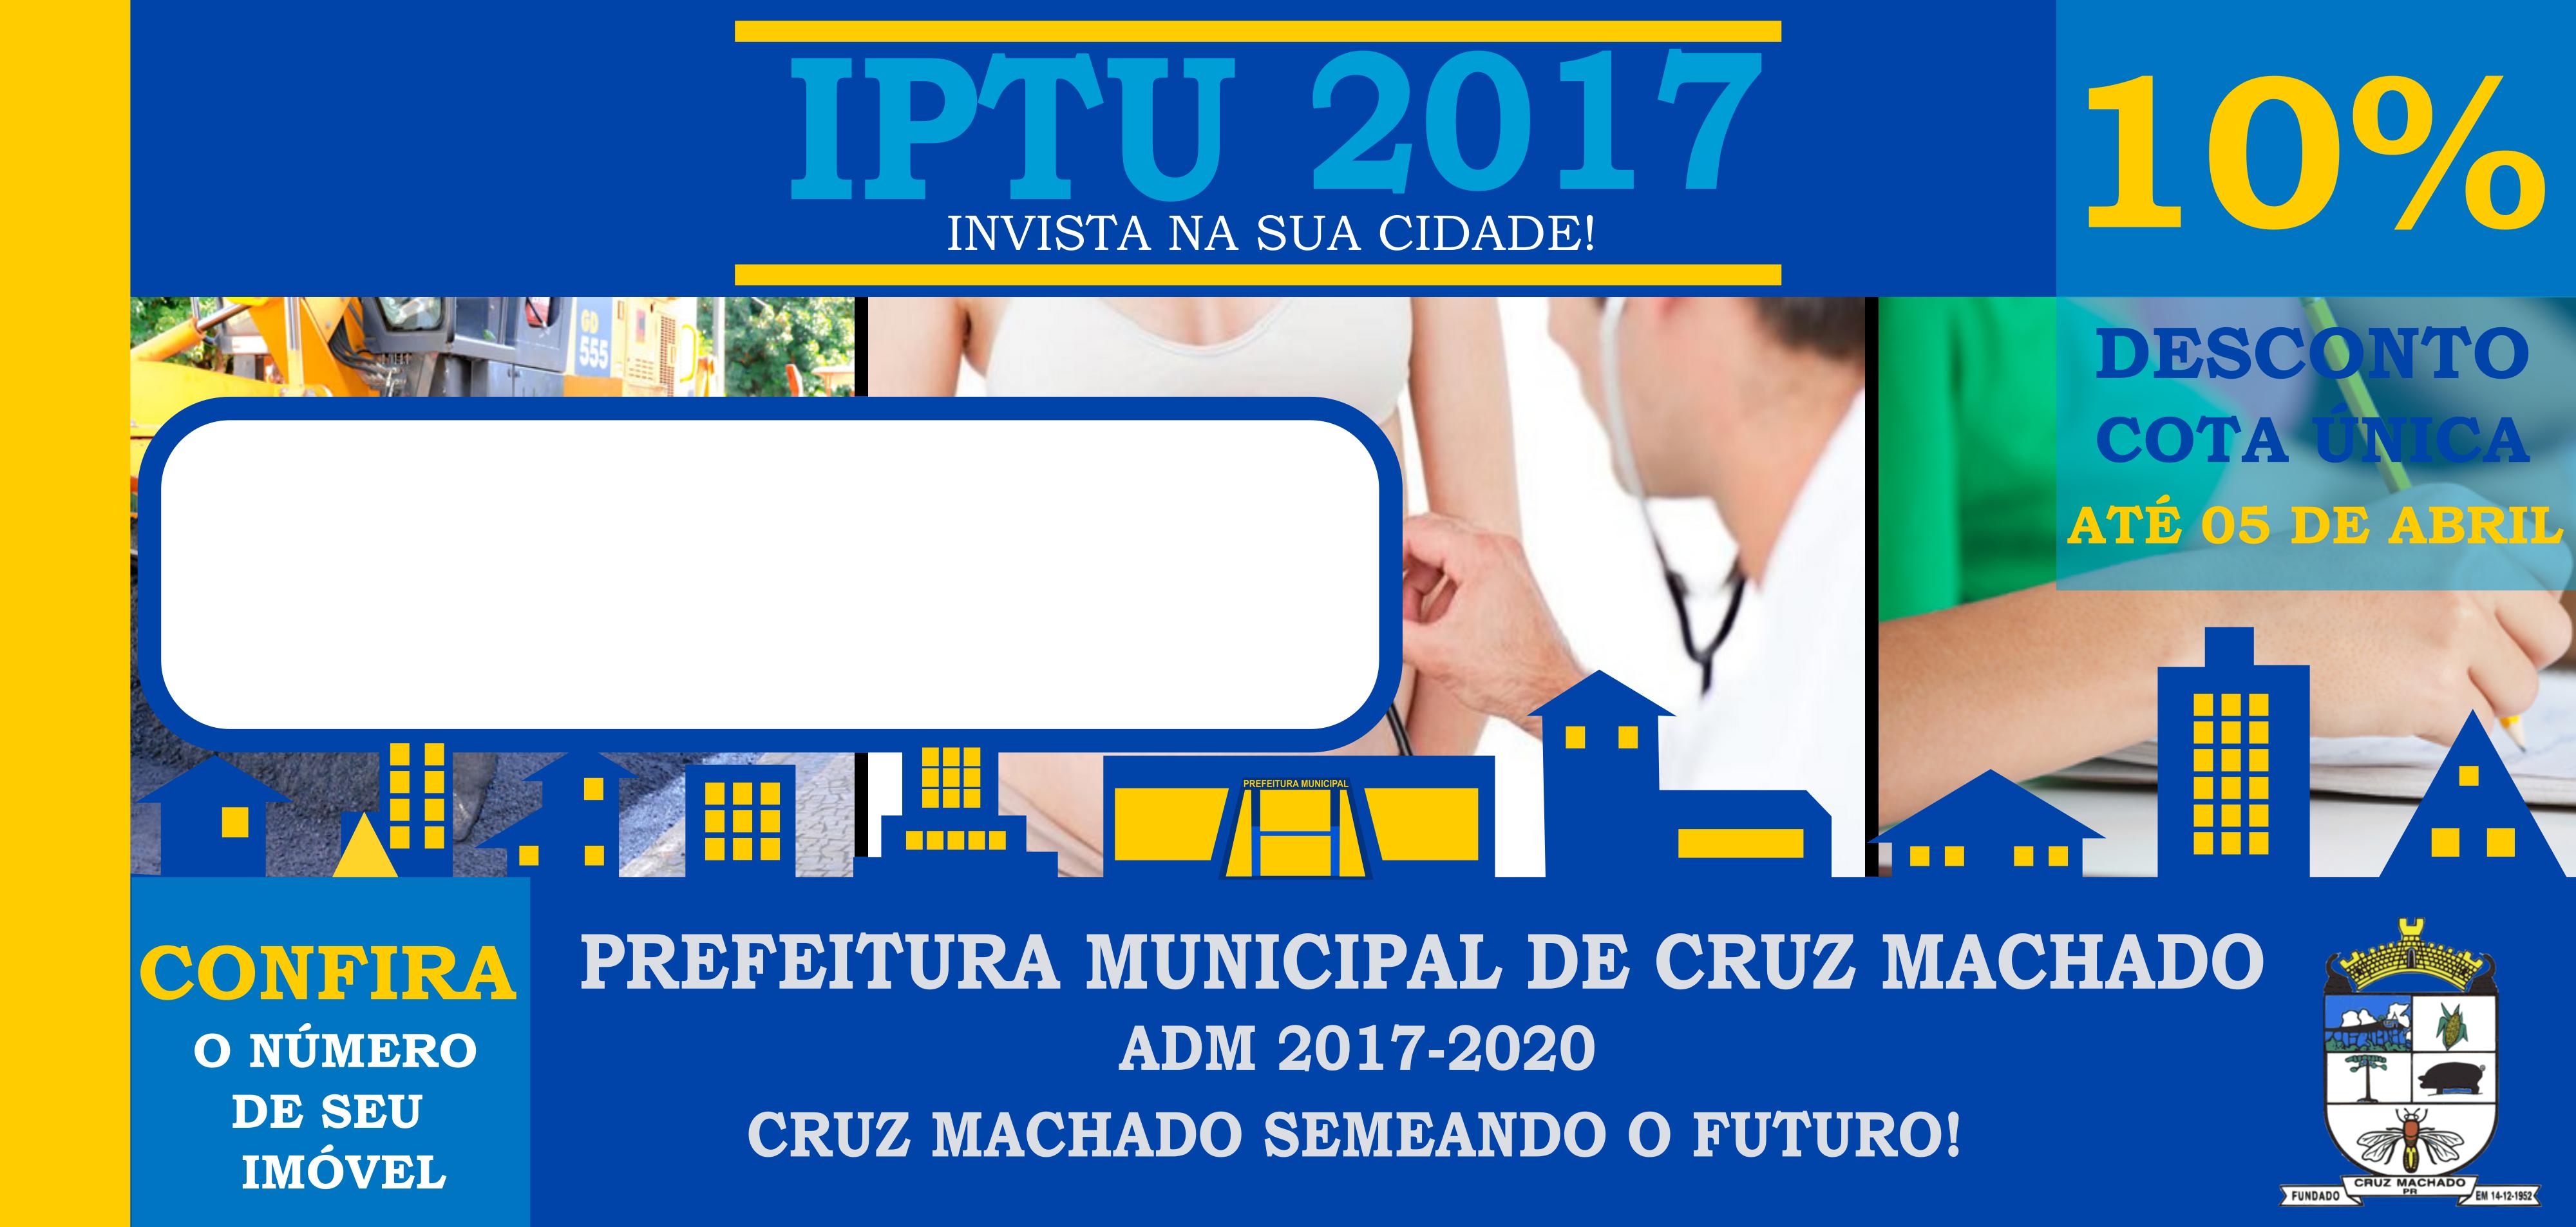 Contribuintes que quitarem o IPTU até 5 de abril terão desconto de 10%